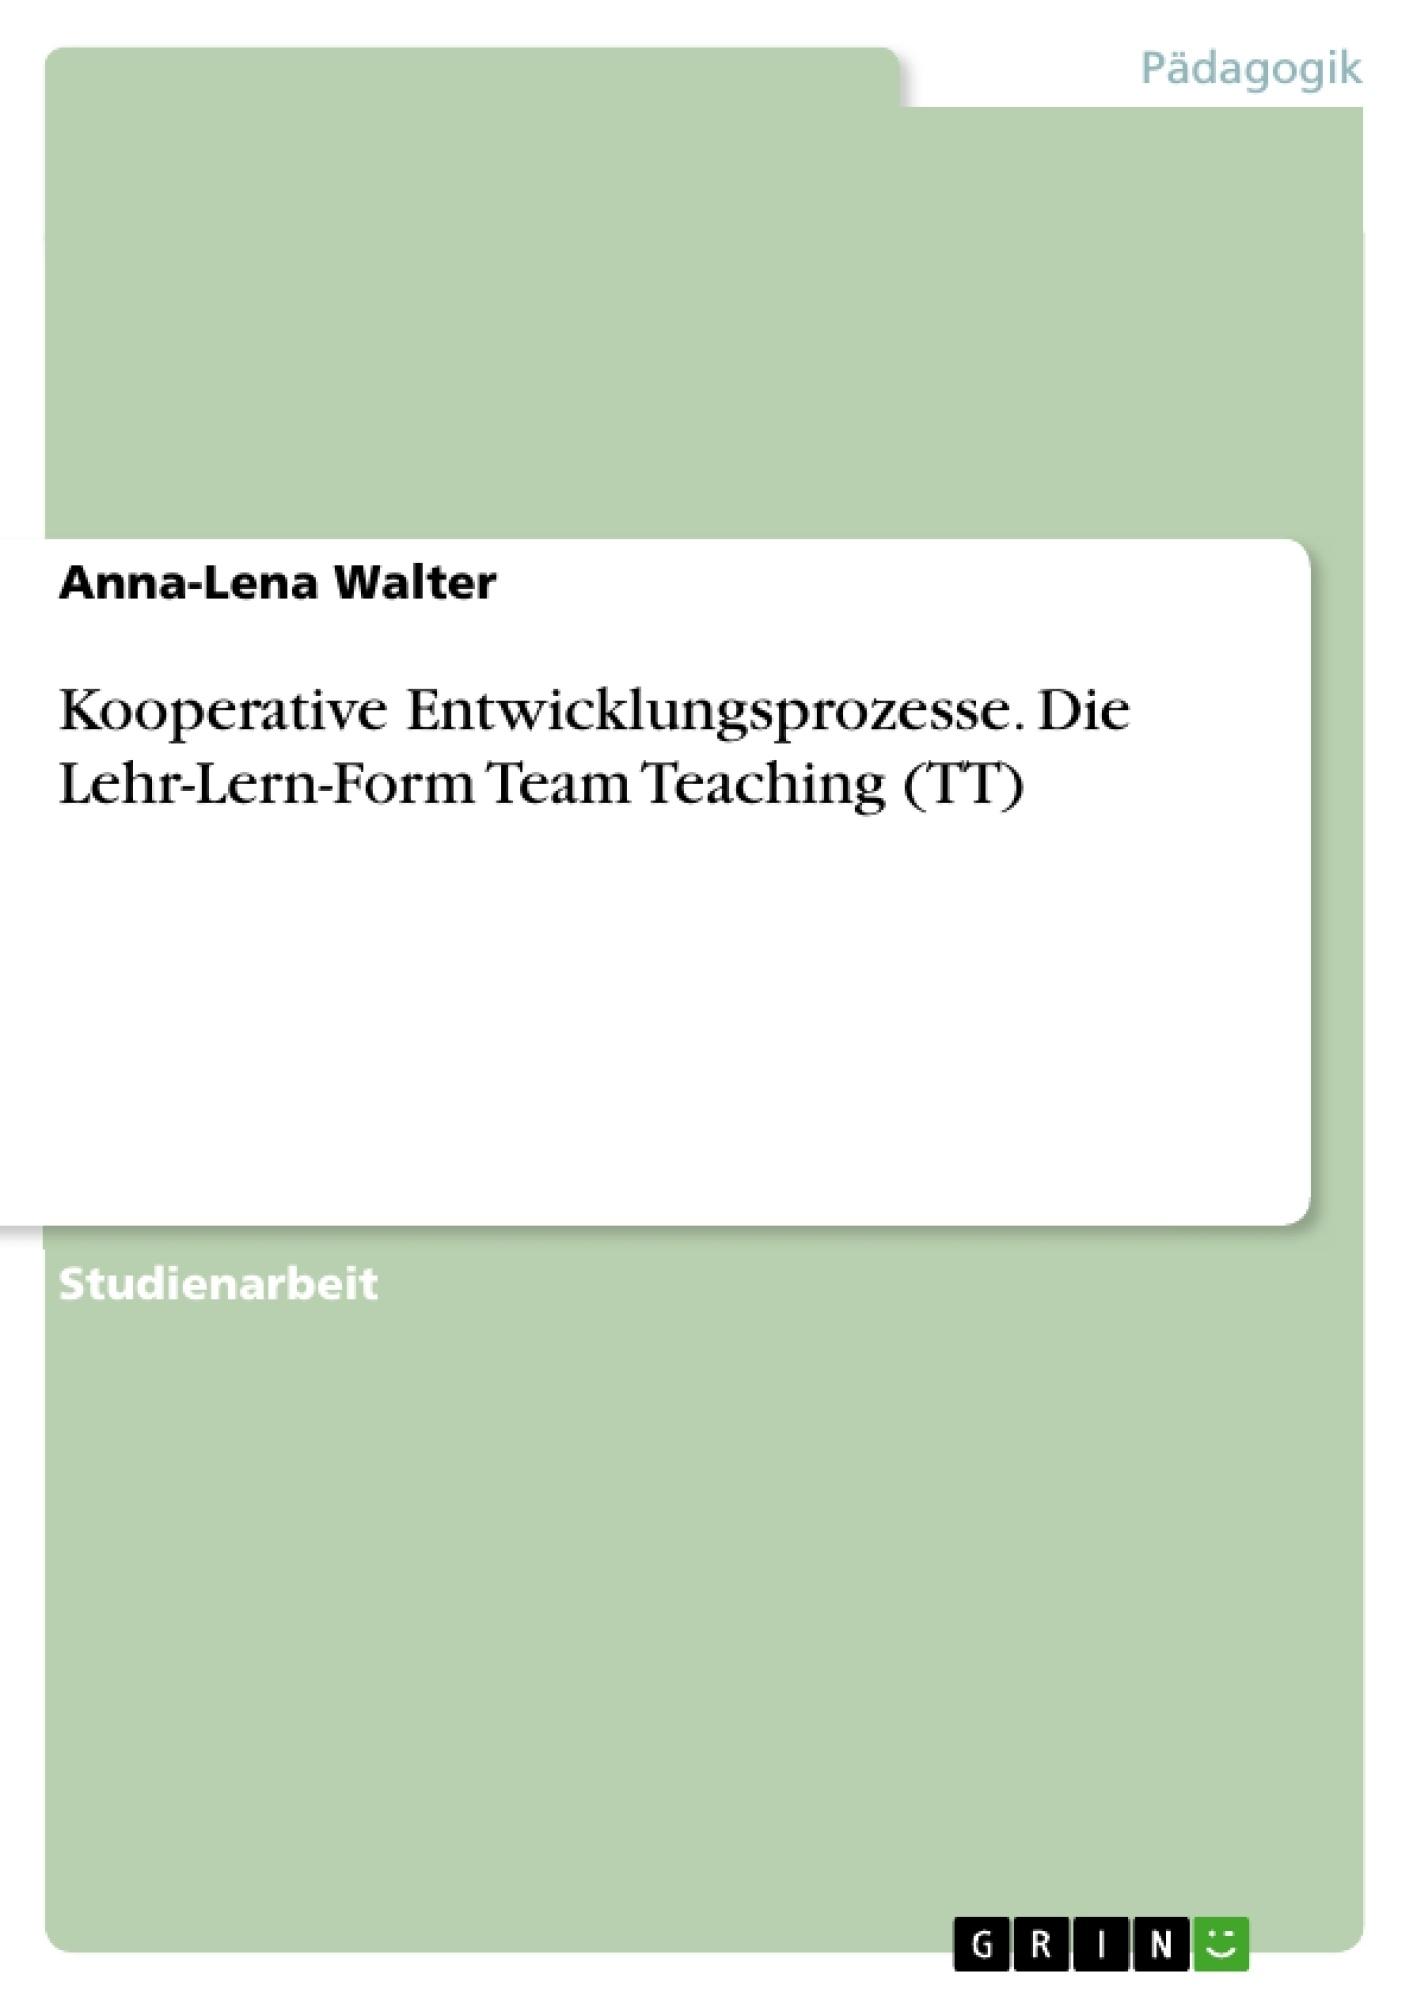 Titel: Kooperative Entwicklungsprozesse. Die Lehr-Lern-Form Team Teaching (TT)